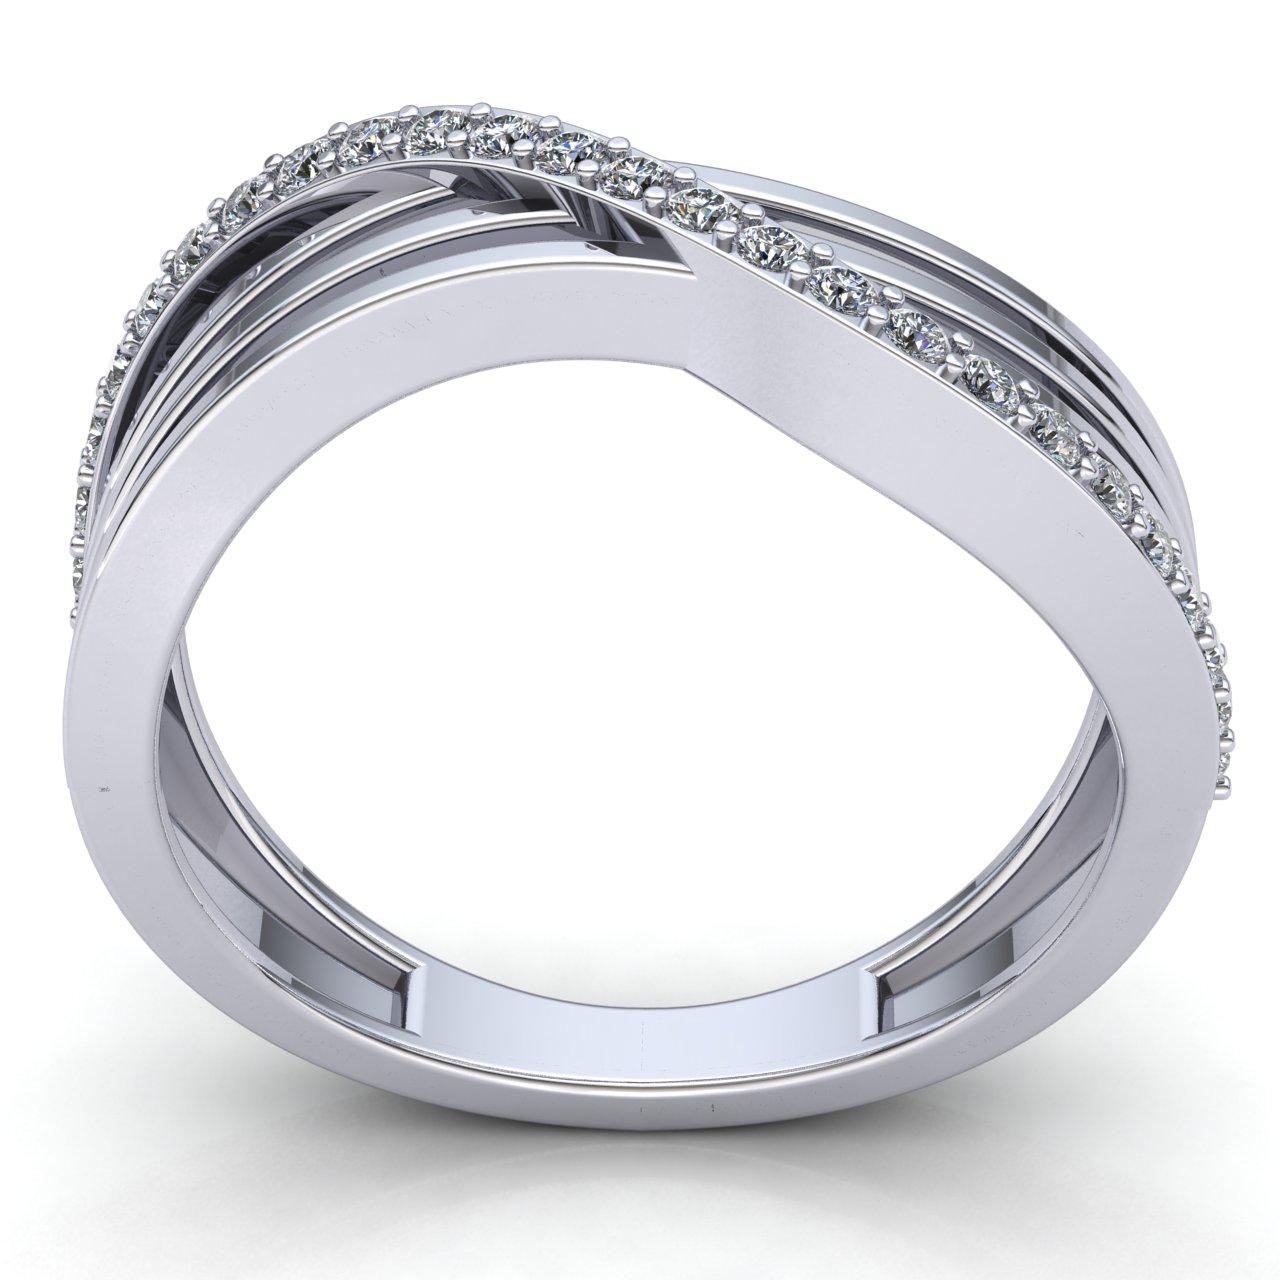 0-75-Ct-Diamante-Talla-Redonda-Mujer-Cruzado-Aniversario-Alianza-18Ct-Oro miniatura 11